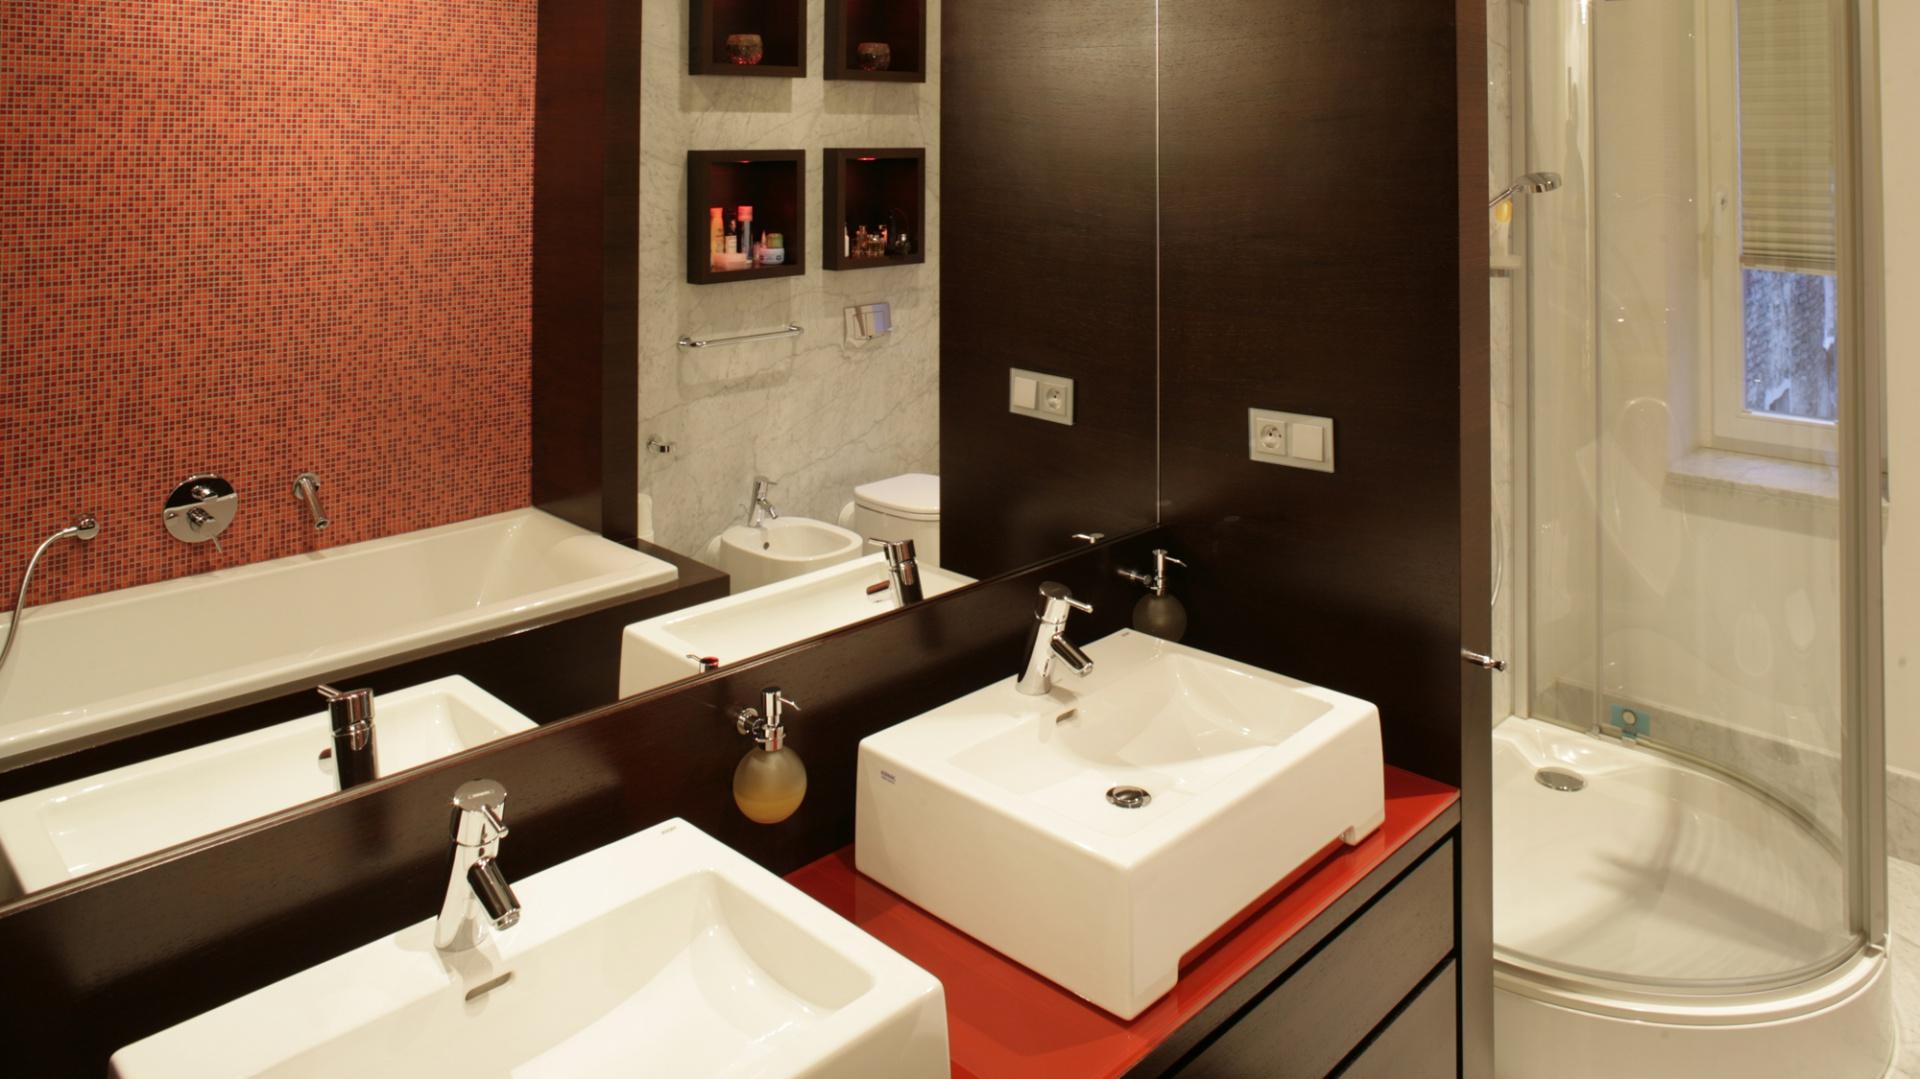 Ścianę  nad umywalkami (z oferty firmy Keramag), wypełnia wielkoformatowe lustro. Dzięki  niemu  łazienka  wydaje się znacznie większa niż jest w rzeczywistości. Fot. Bartosz Jarosz..